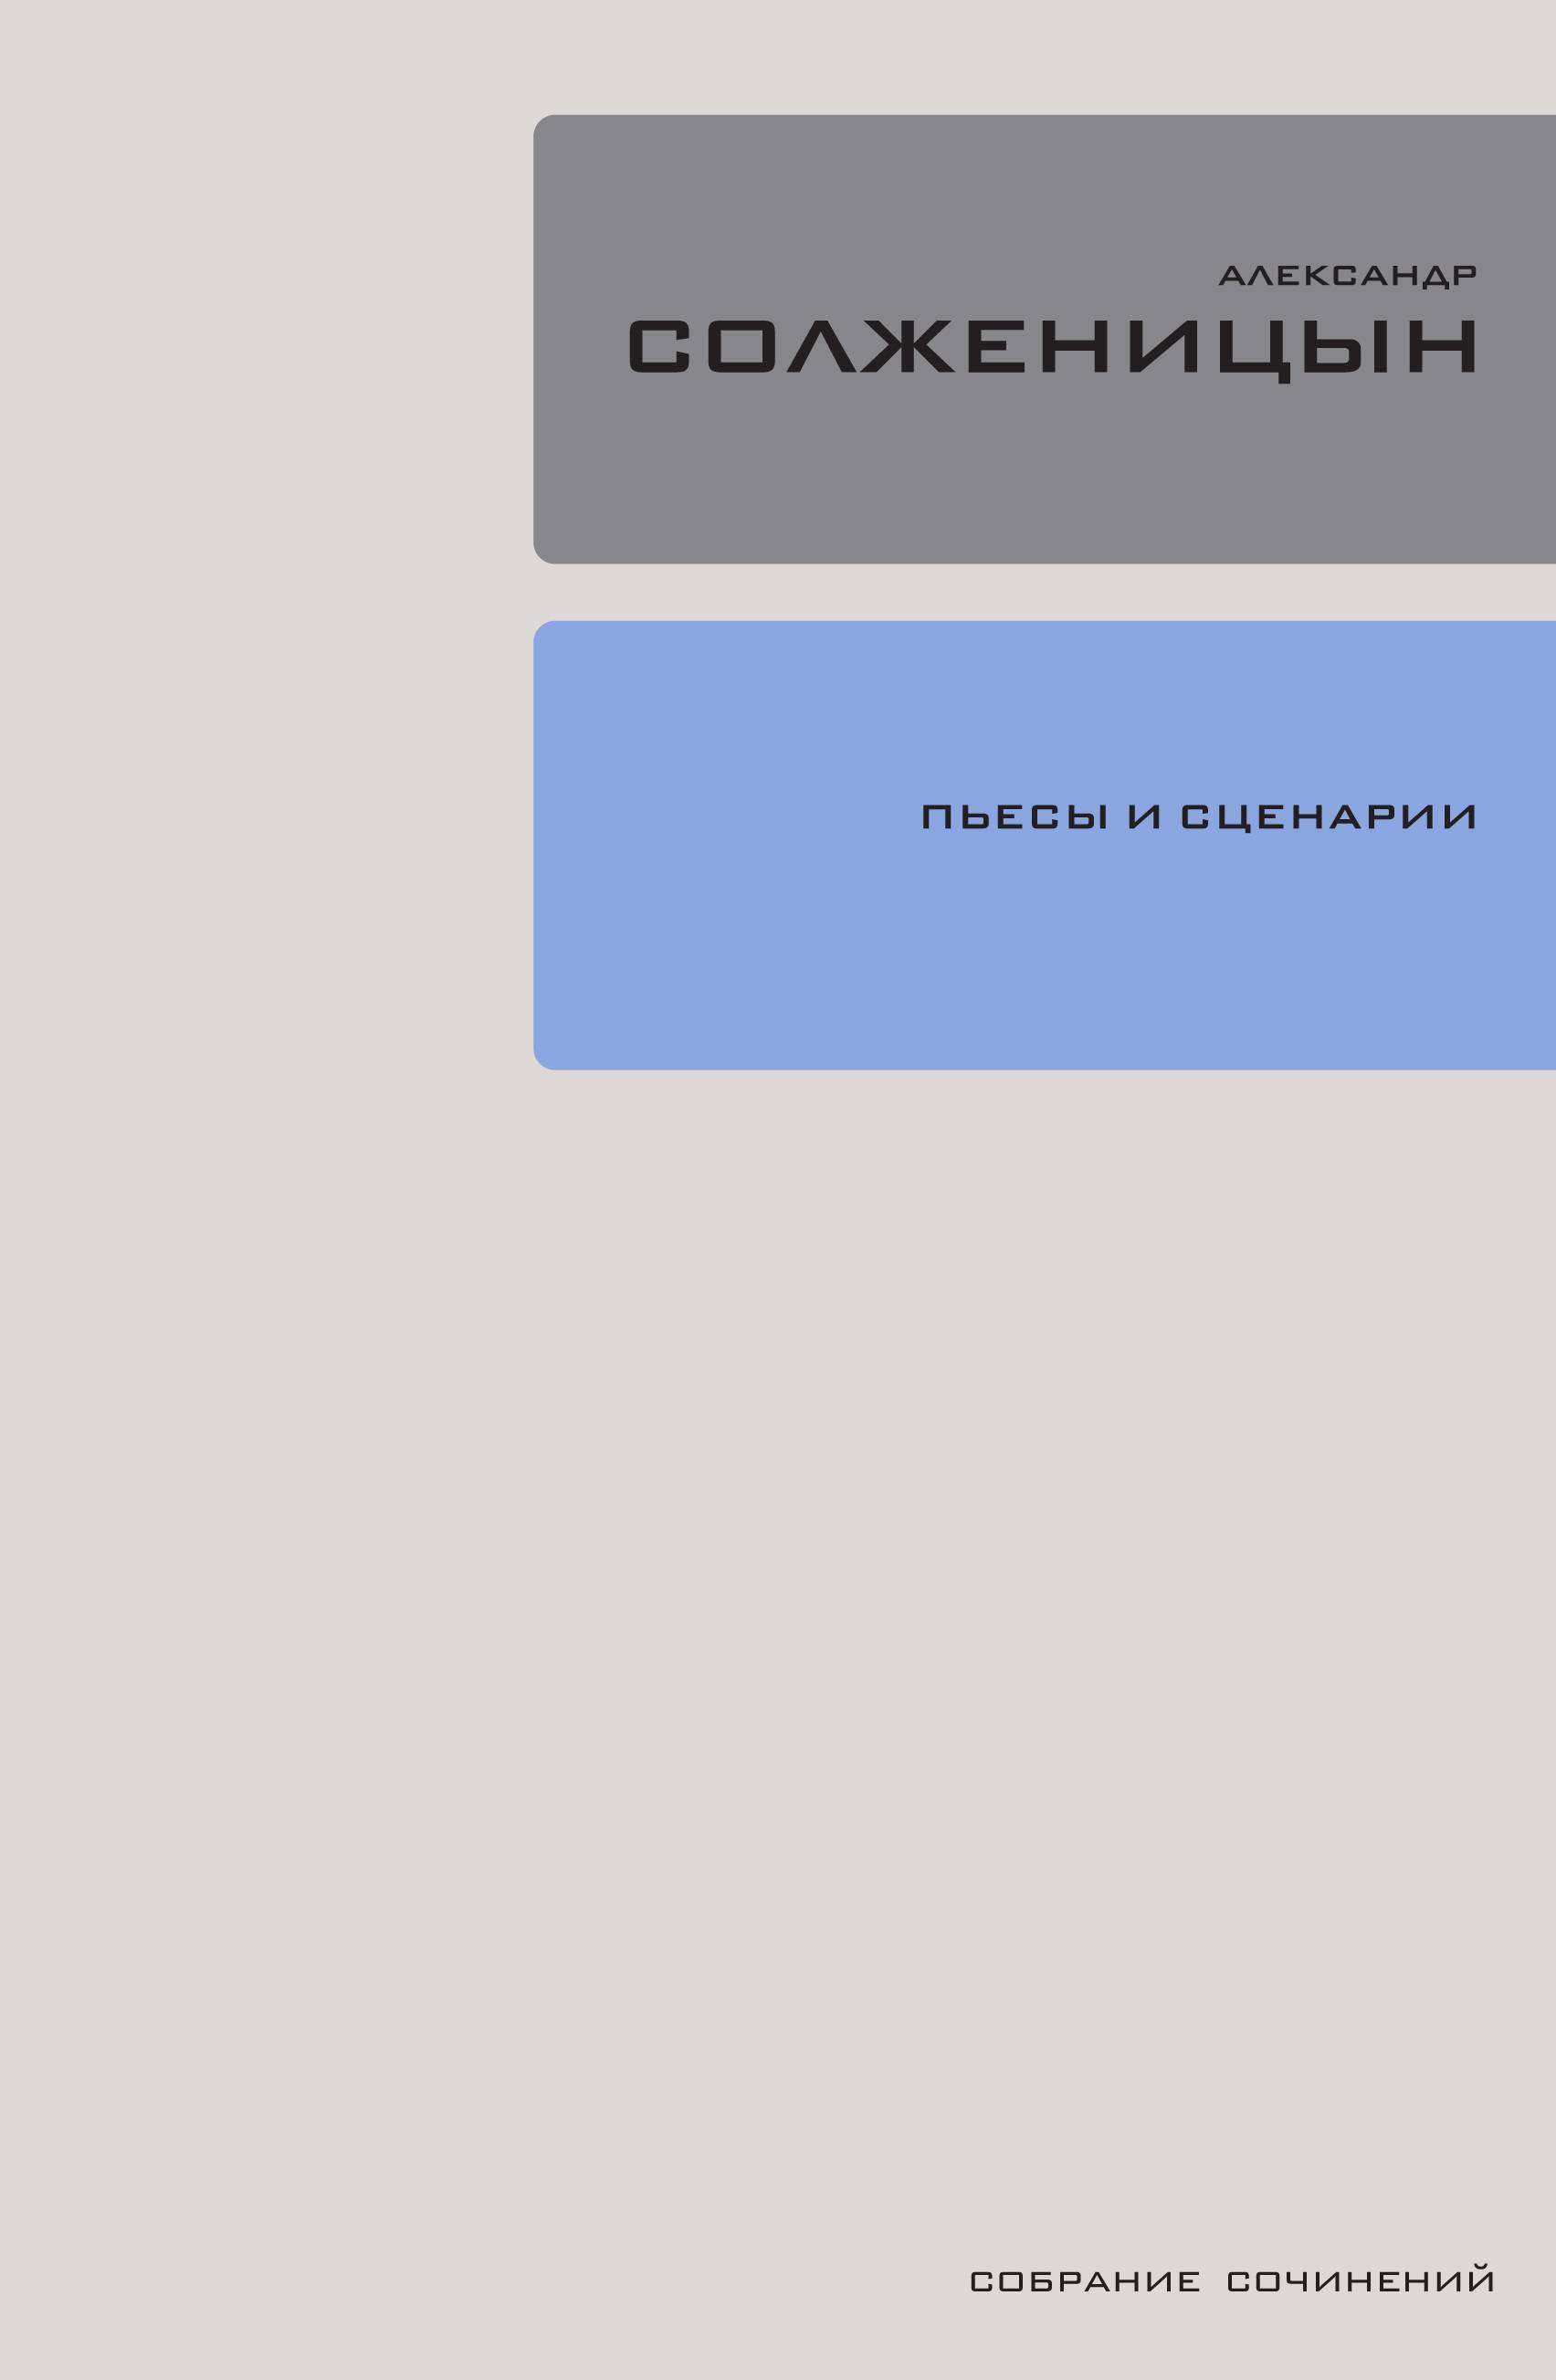 Собрание сочинений в 30 томах. Том 19. Пьесы и сценарии (2017)